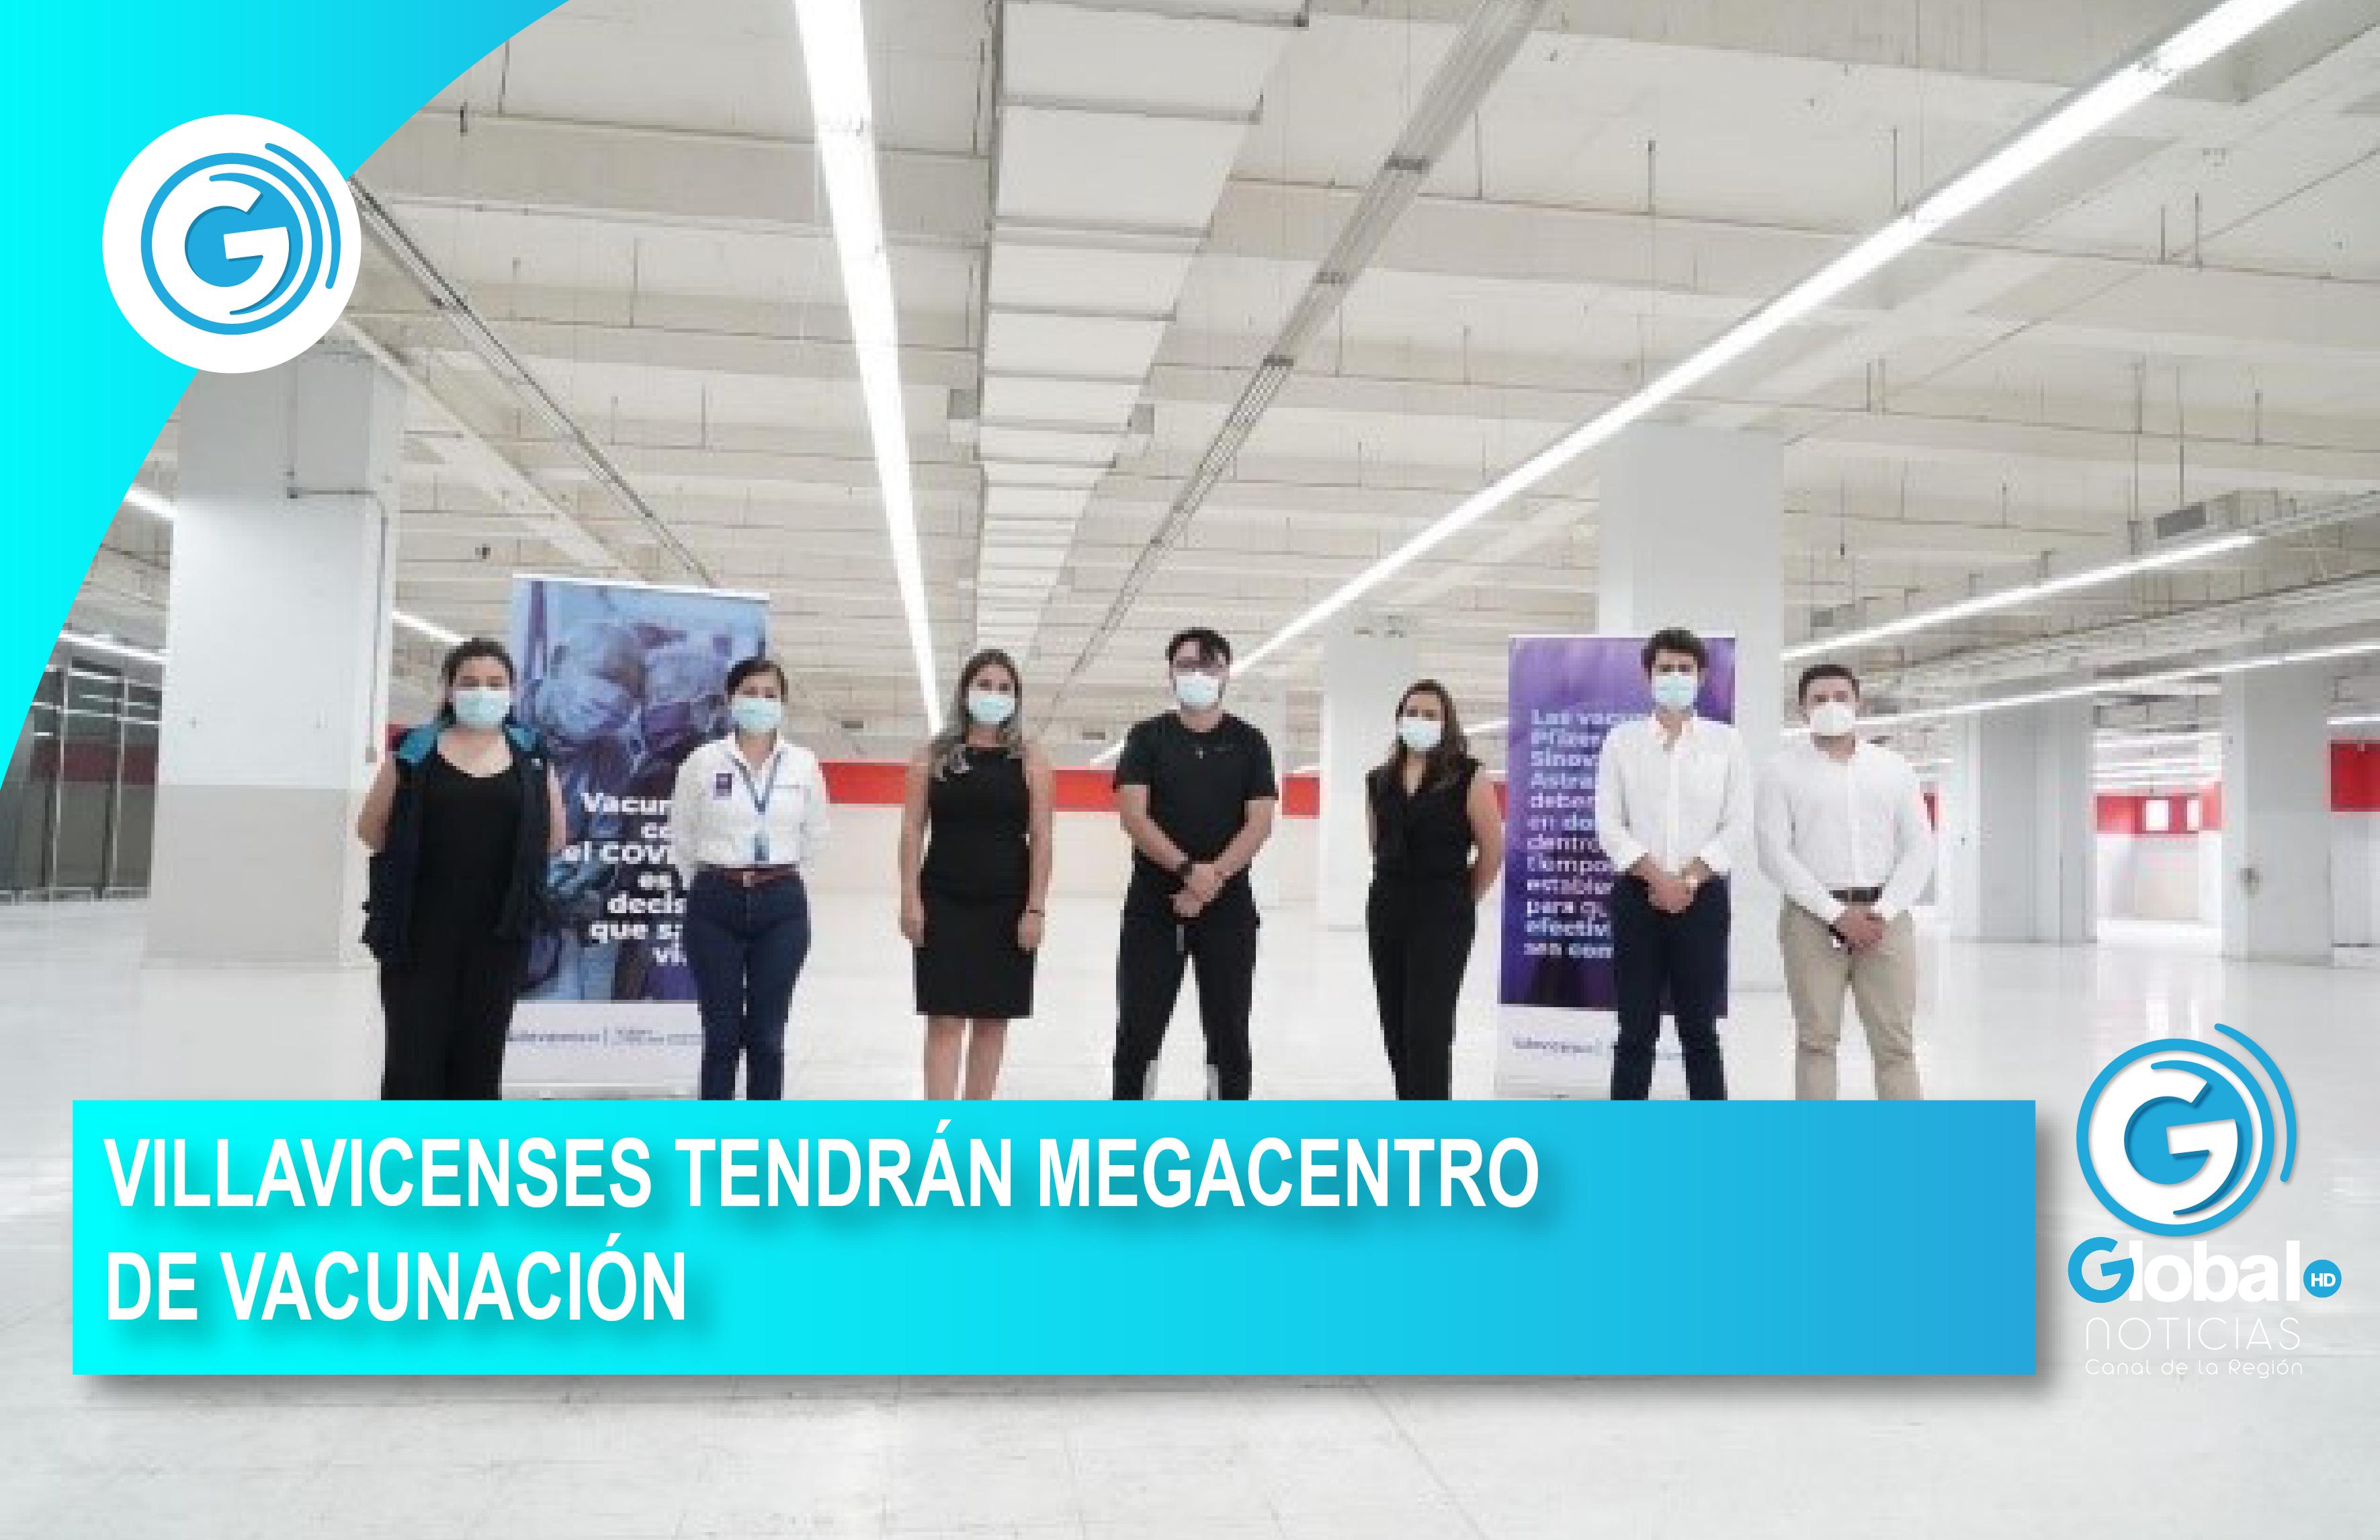 VILLAVICENSES TENDRÁN MEGACENTRO DE VACUNACIÓN